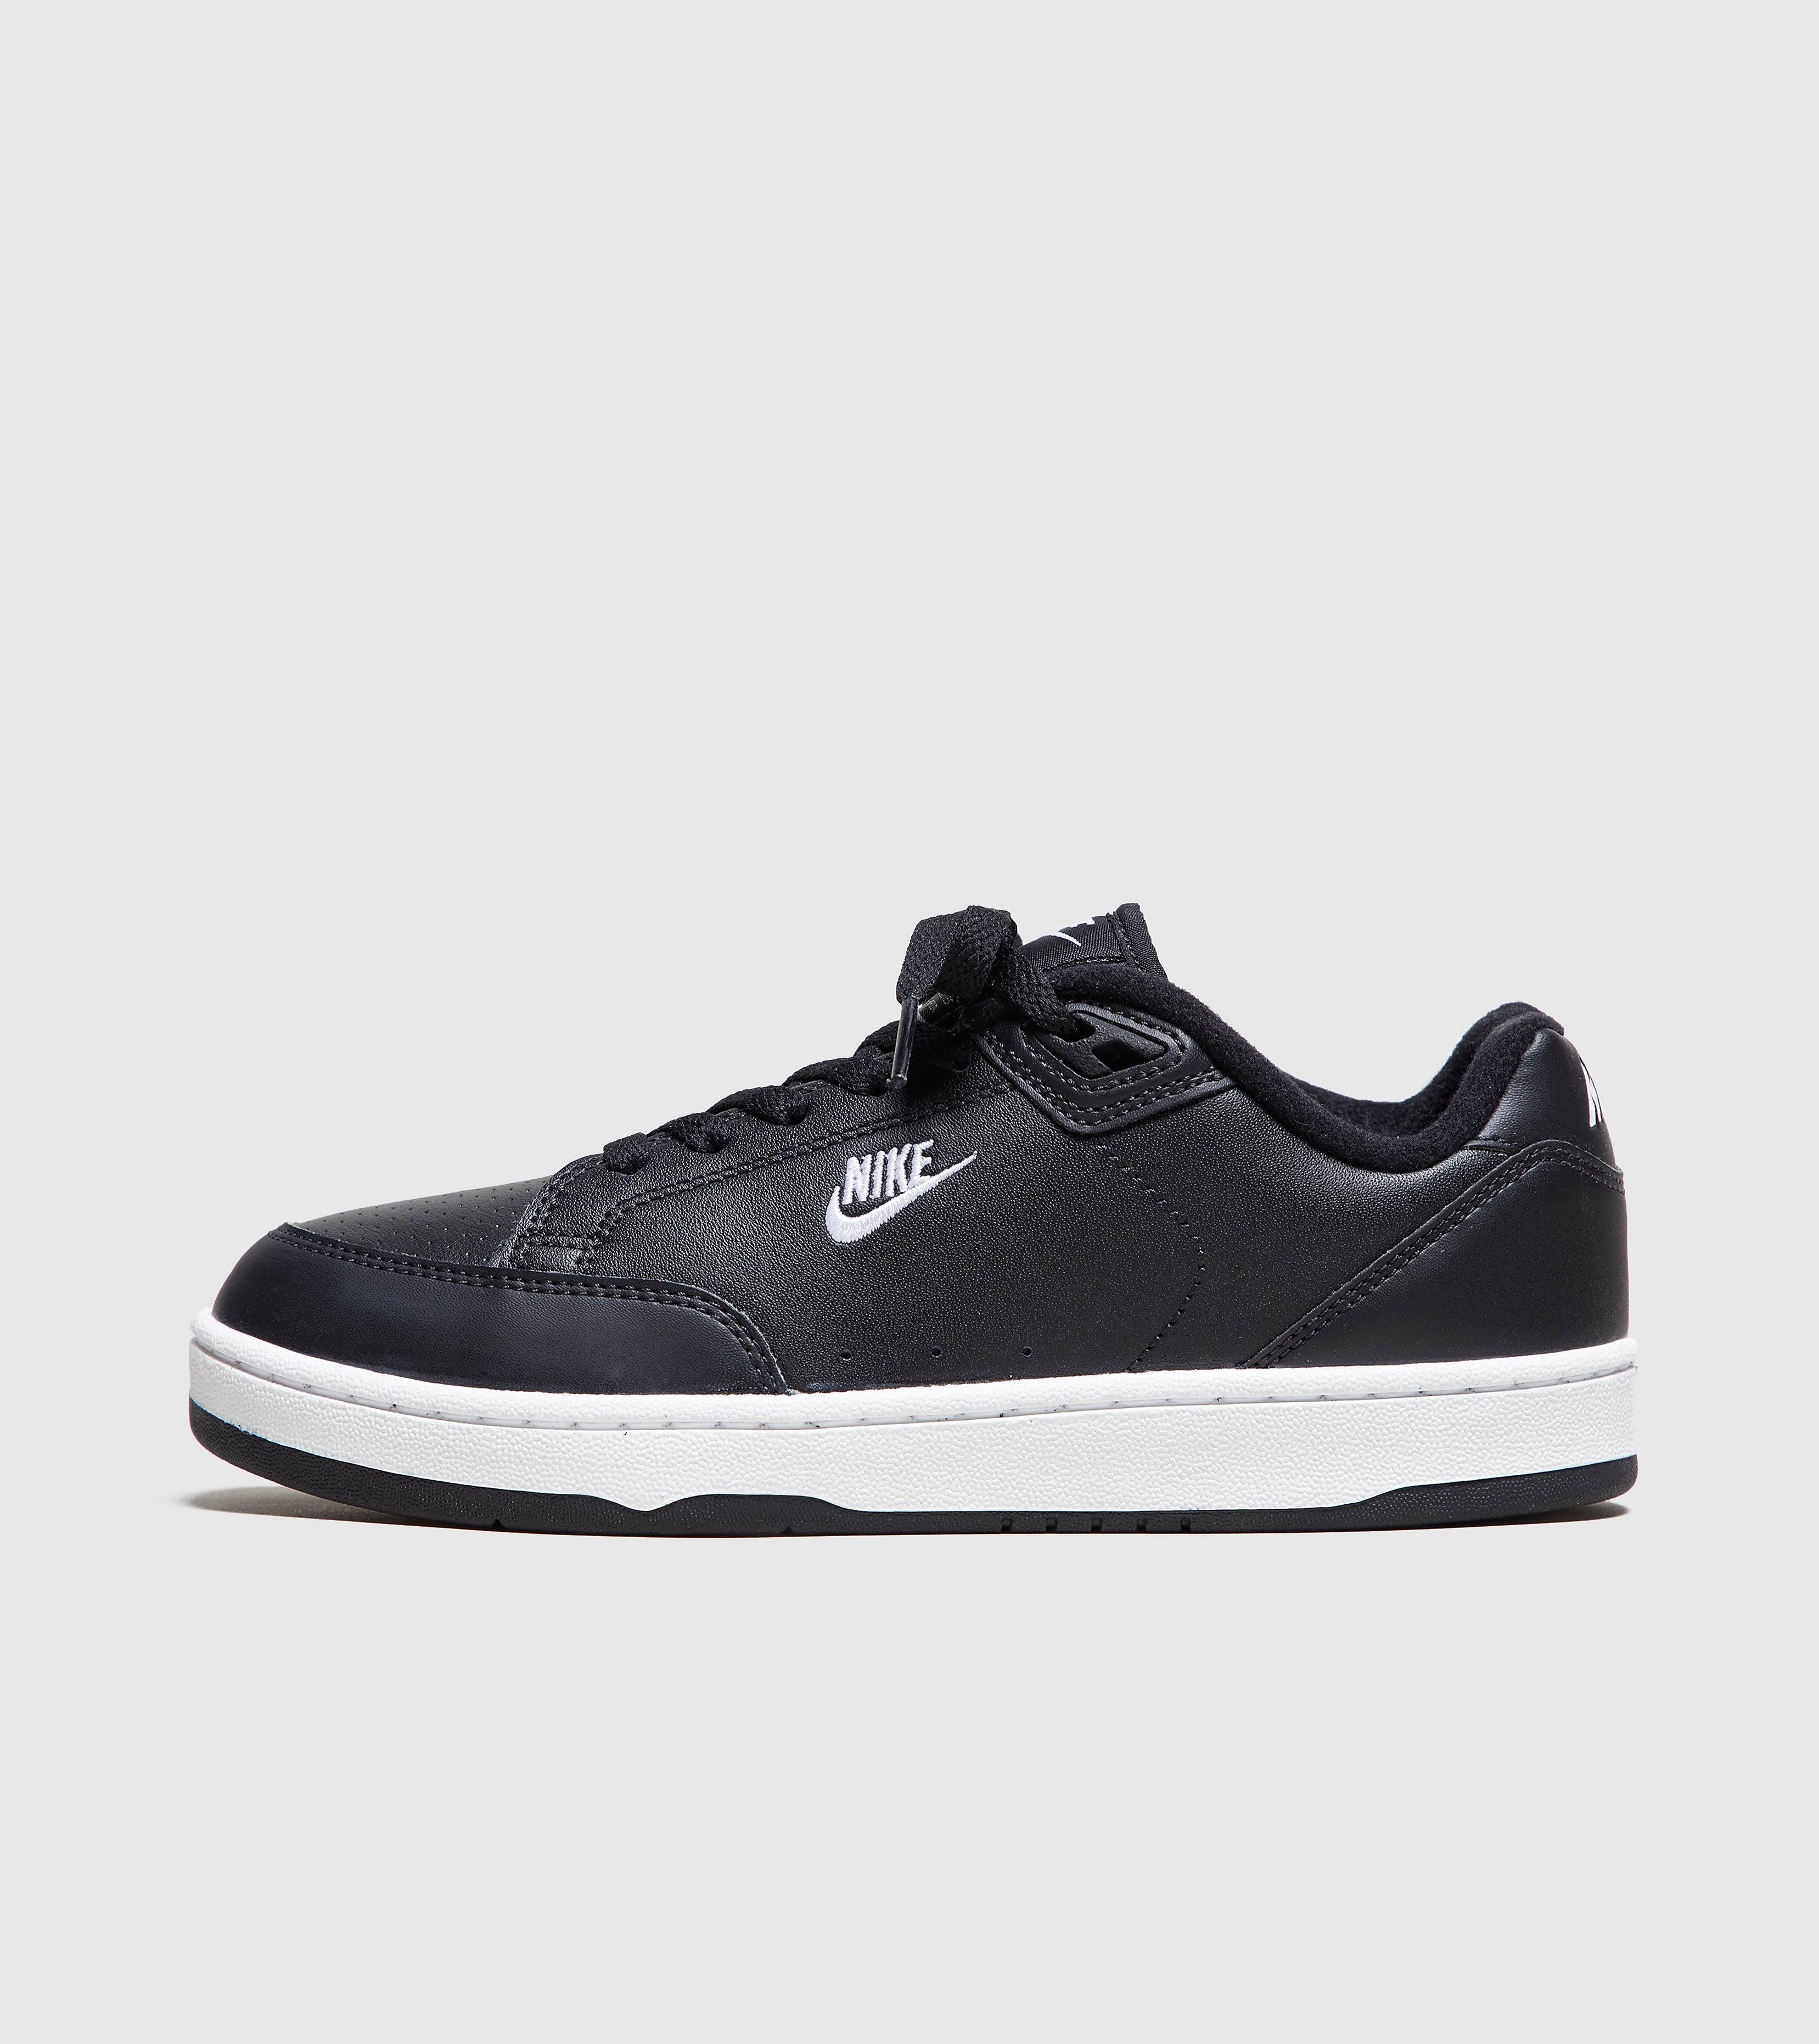 Nike Black Ii Nike Nike Ii Grandstand Grandstand Nike Grandstand Black Black Ii 4wORgq